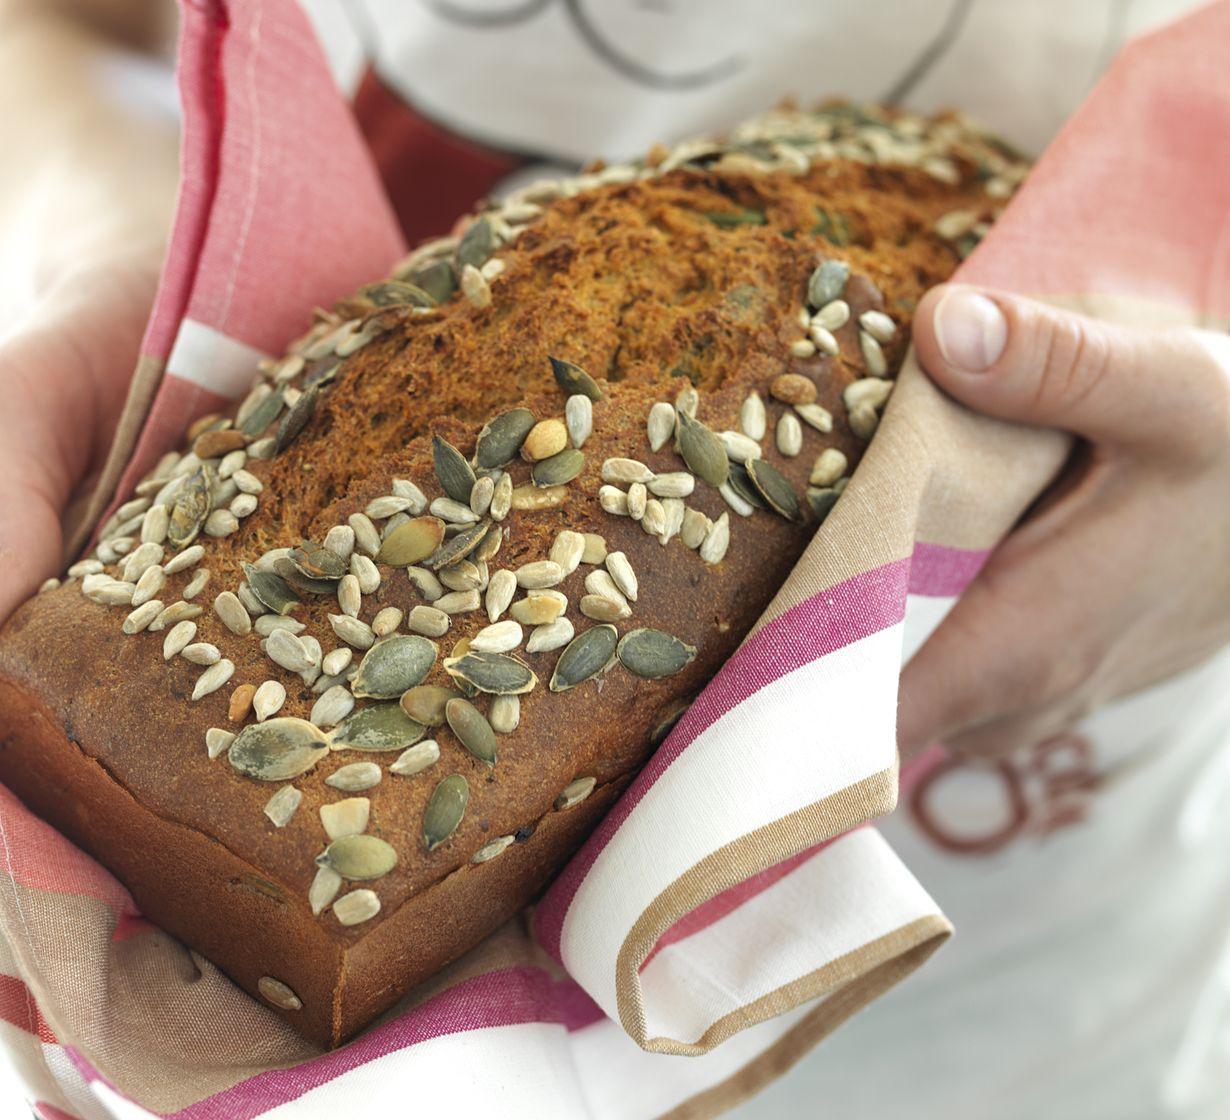 Jyvät tuovat leipään kuitua ja hyviä rasvahappoja.